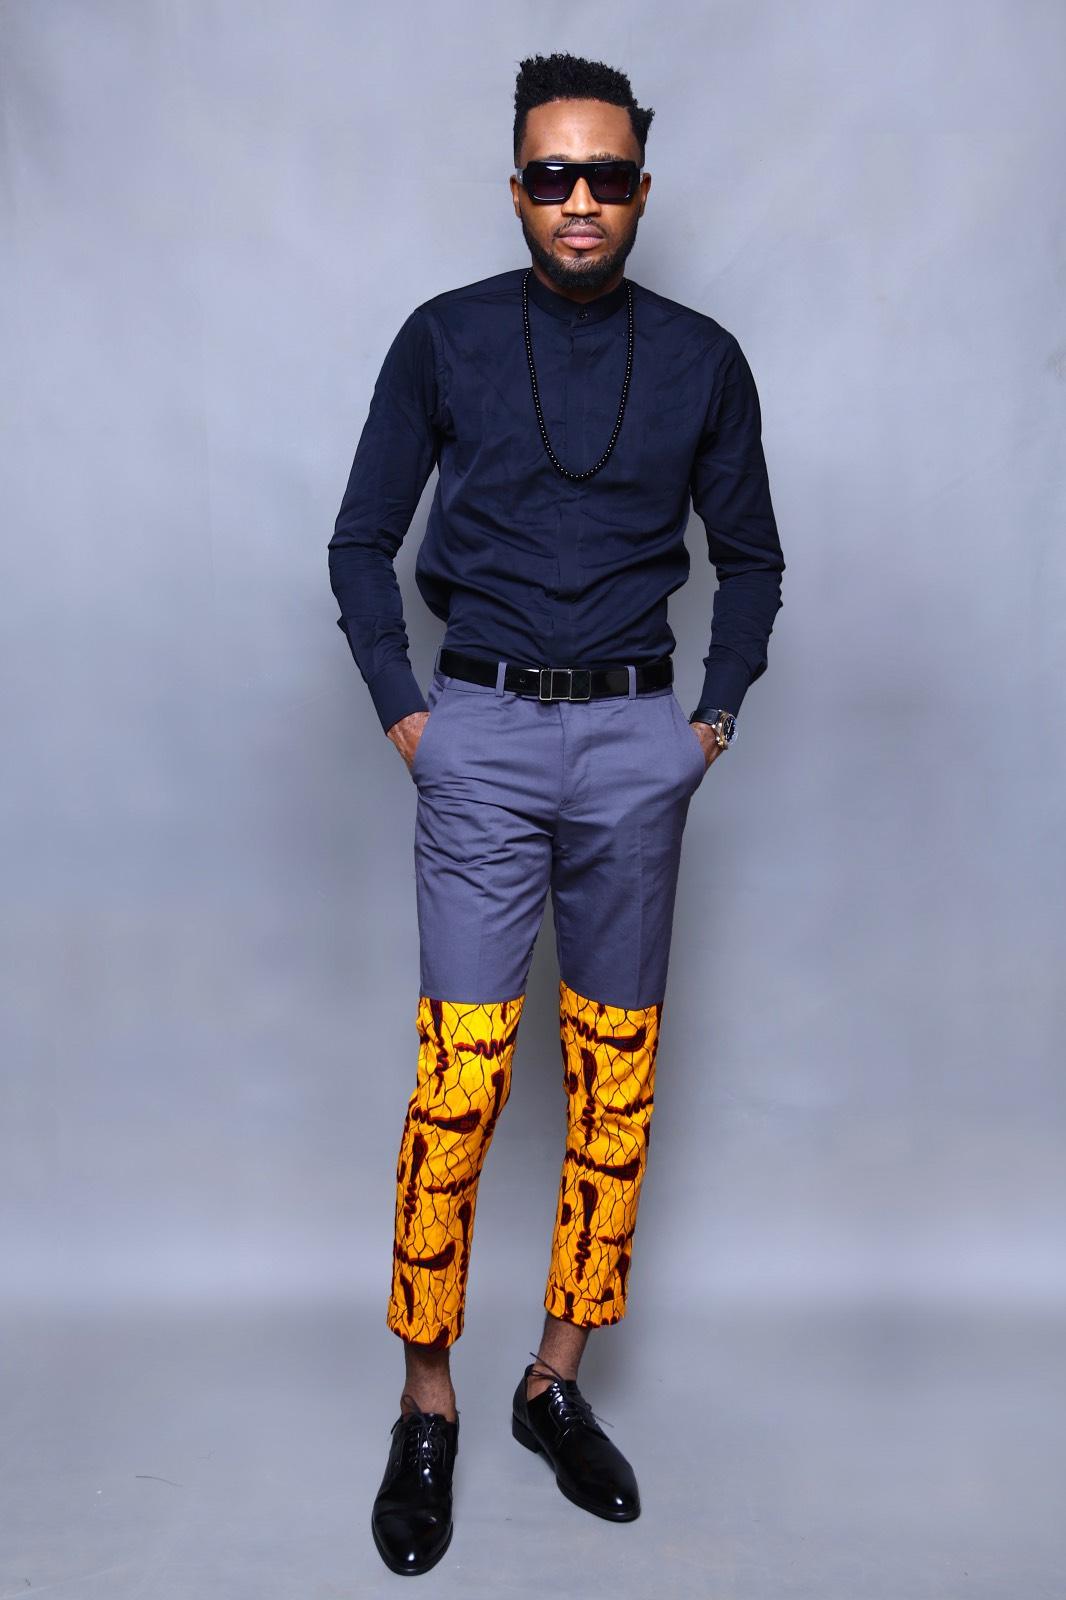 1 Tesslo Concepts Lagos Islandpic55_Fotor